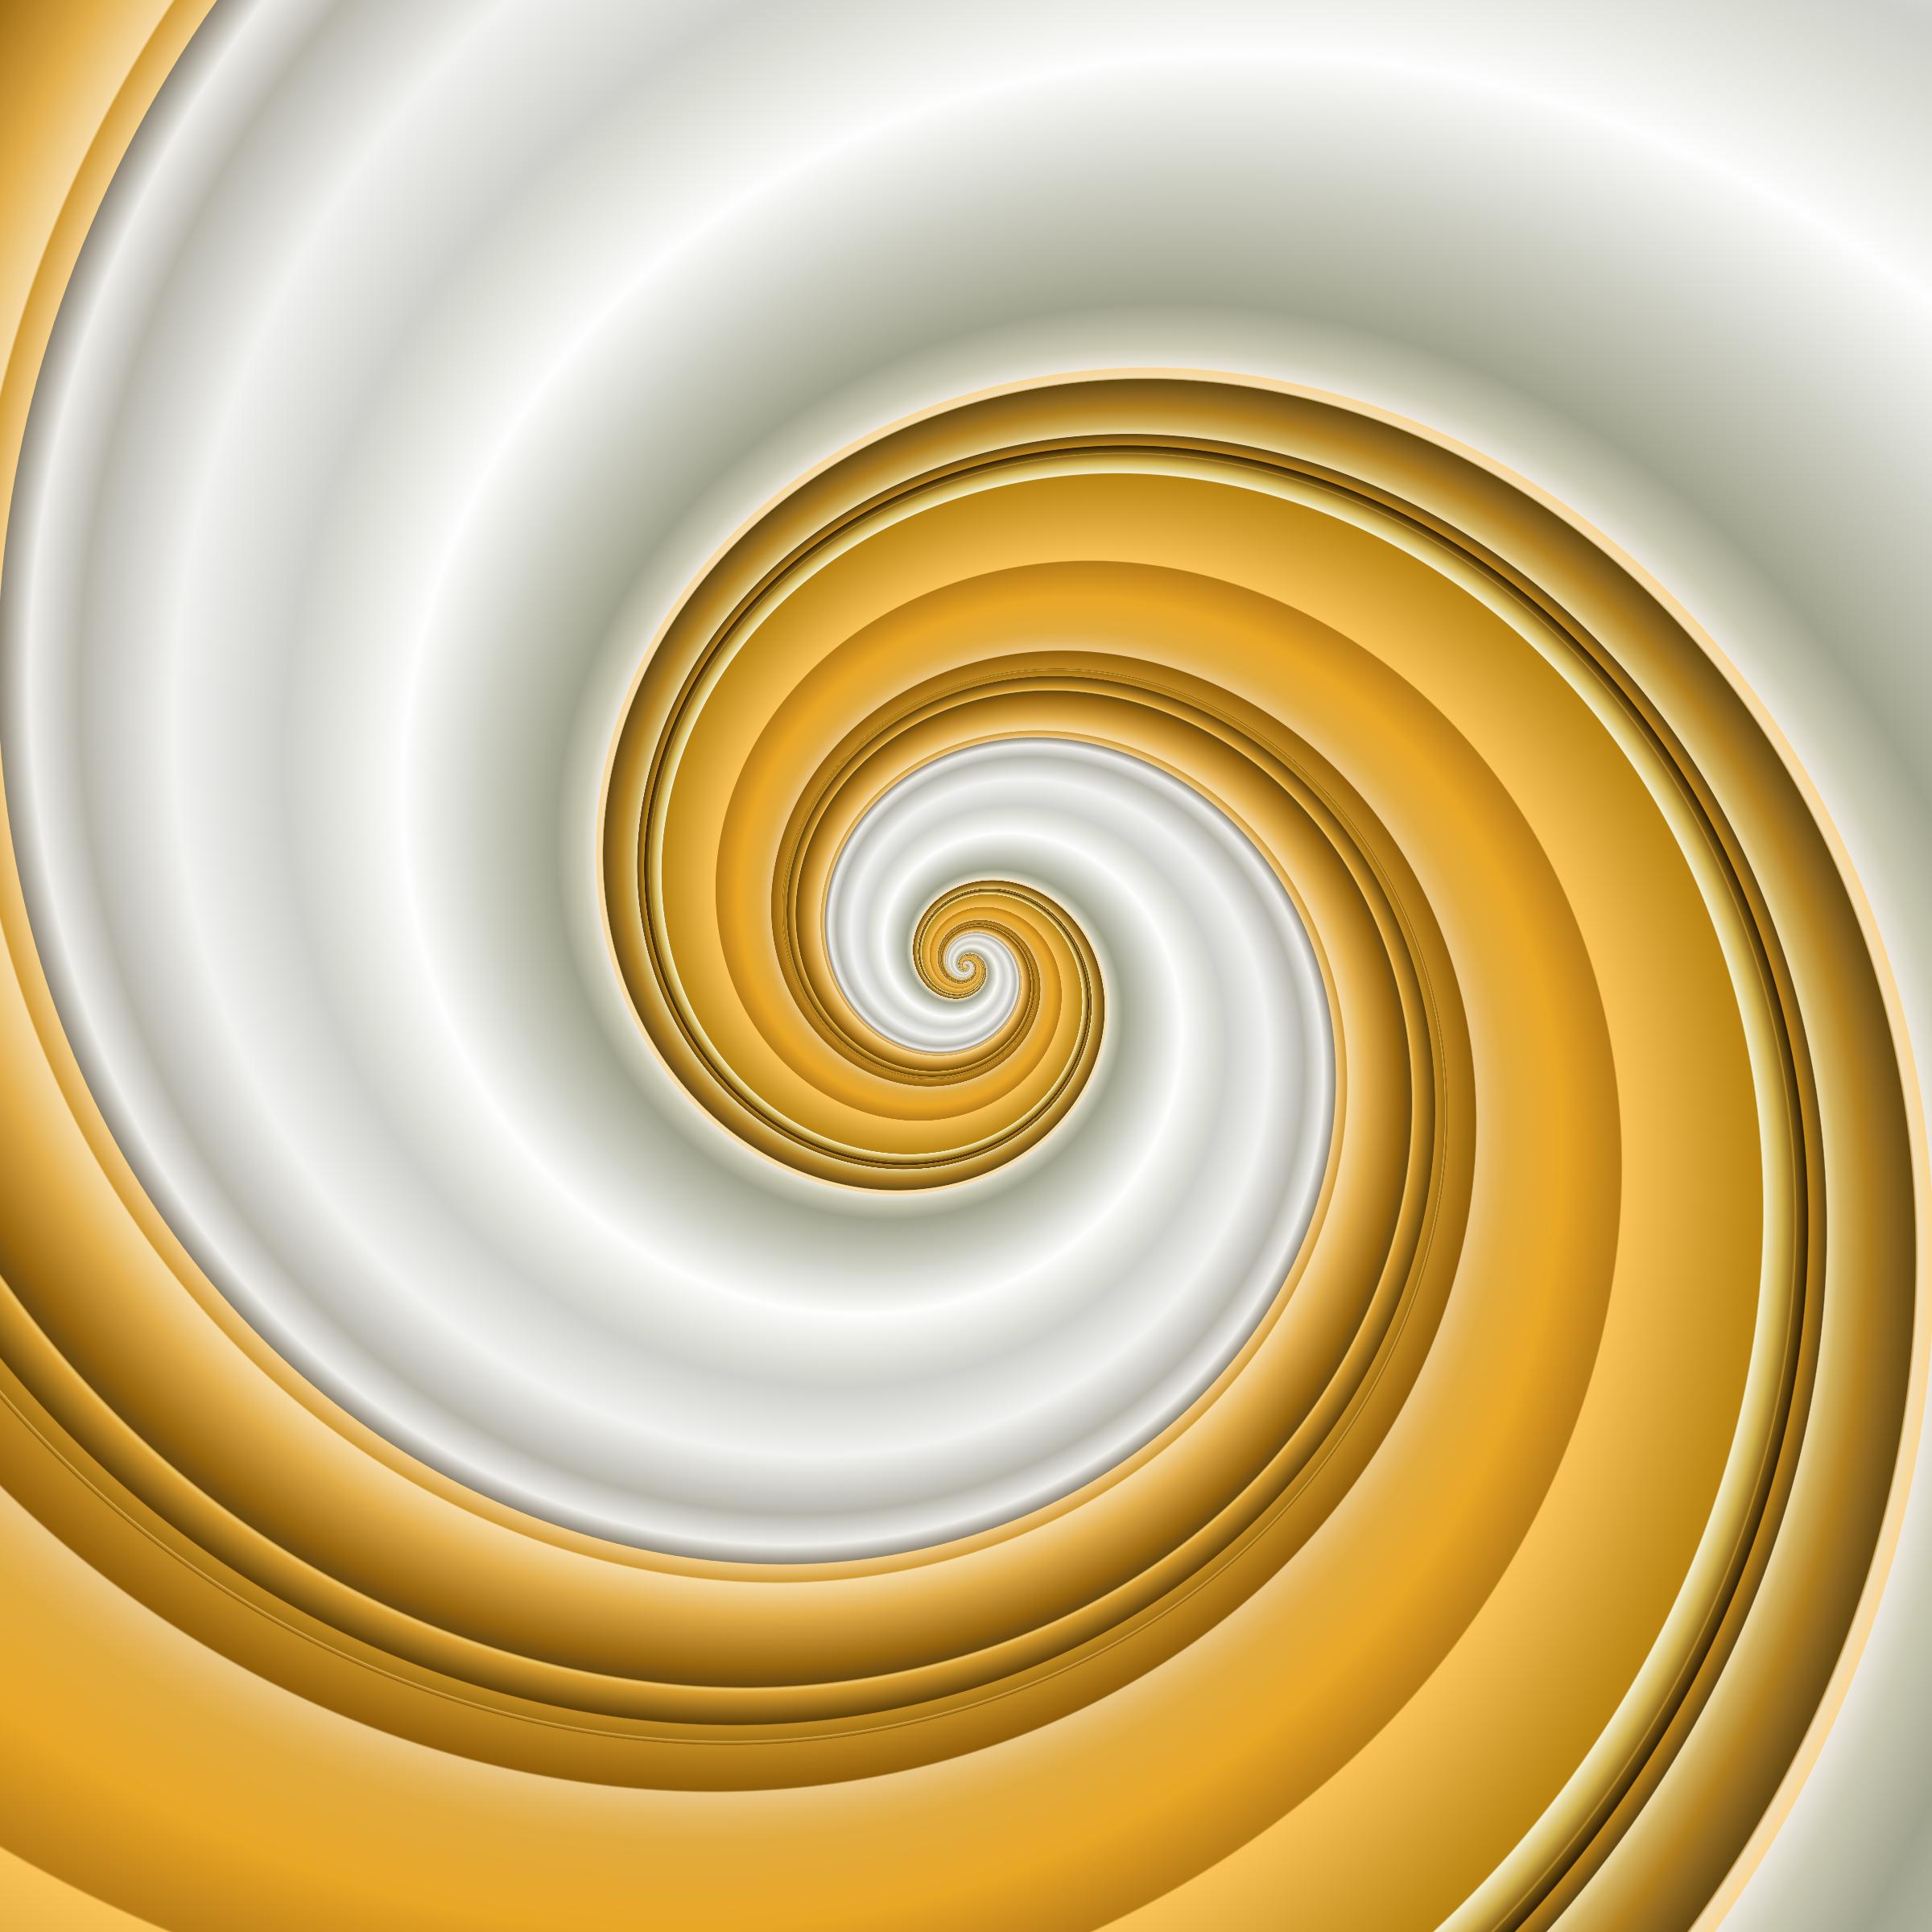 Clipart - golden spiral 2